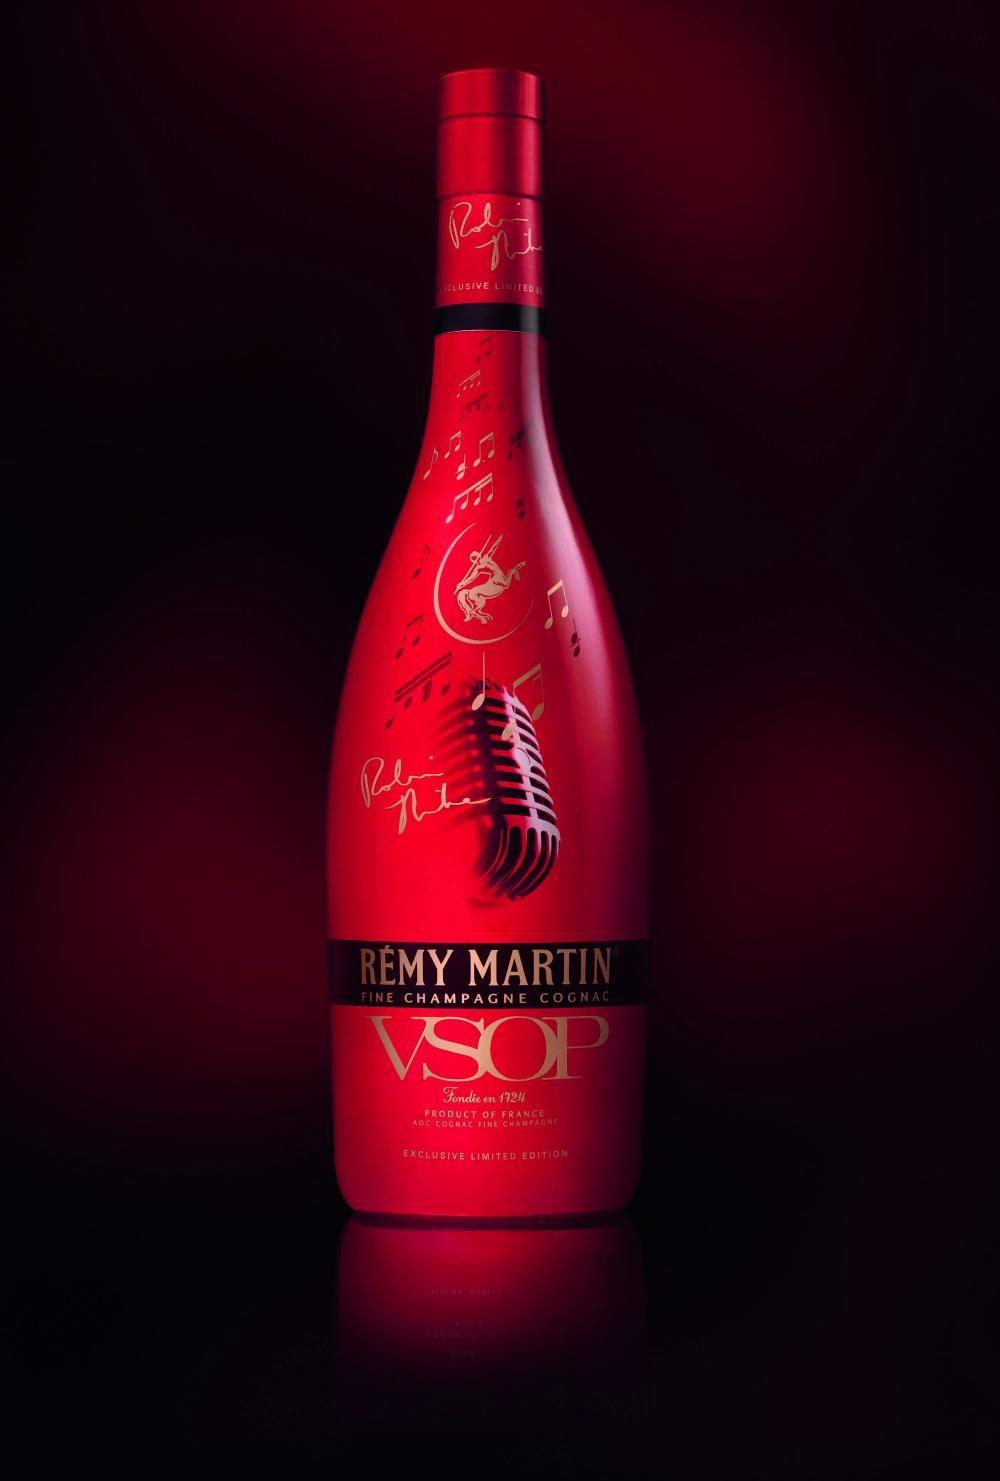 Remy Martin Vsop Robin Thicke Design Signature Limited Edition Bottle Bottle Design Packaging Bottle Wine Bottle